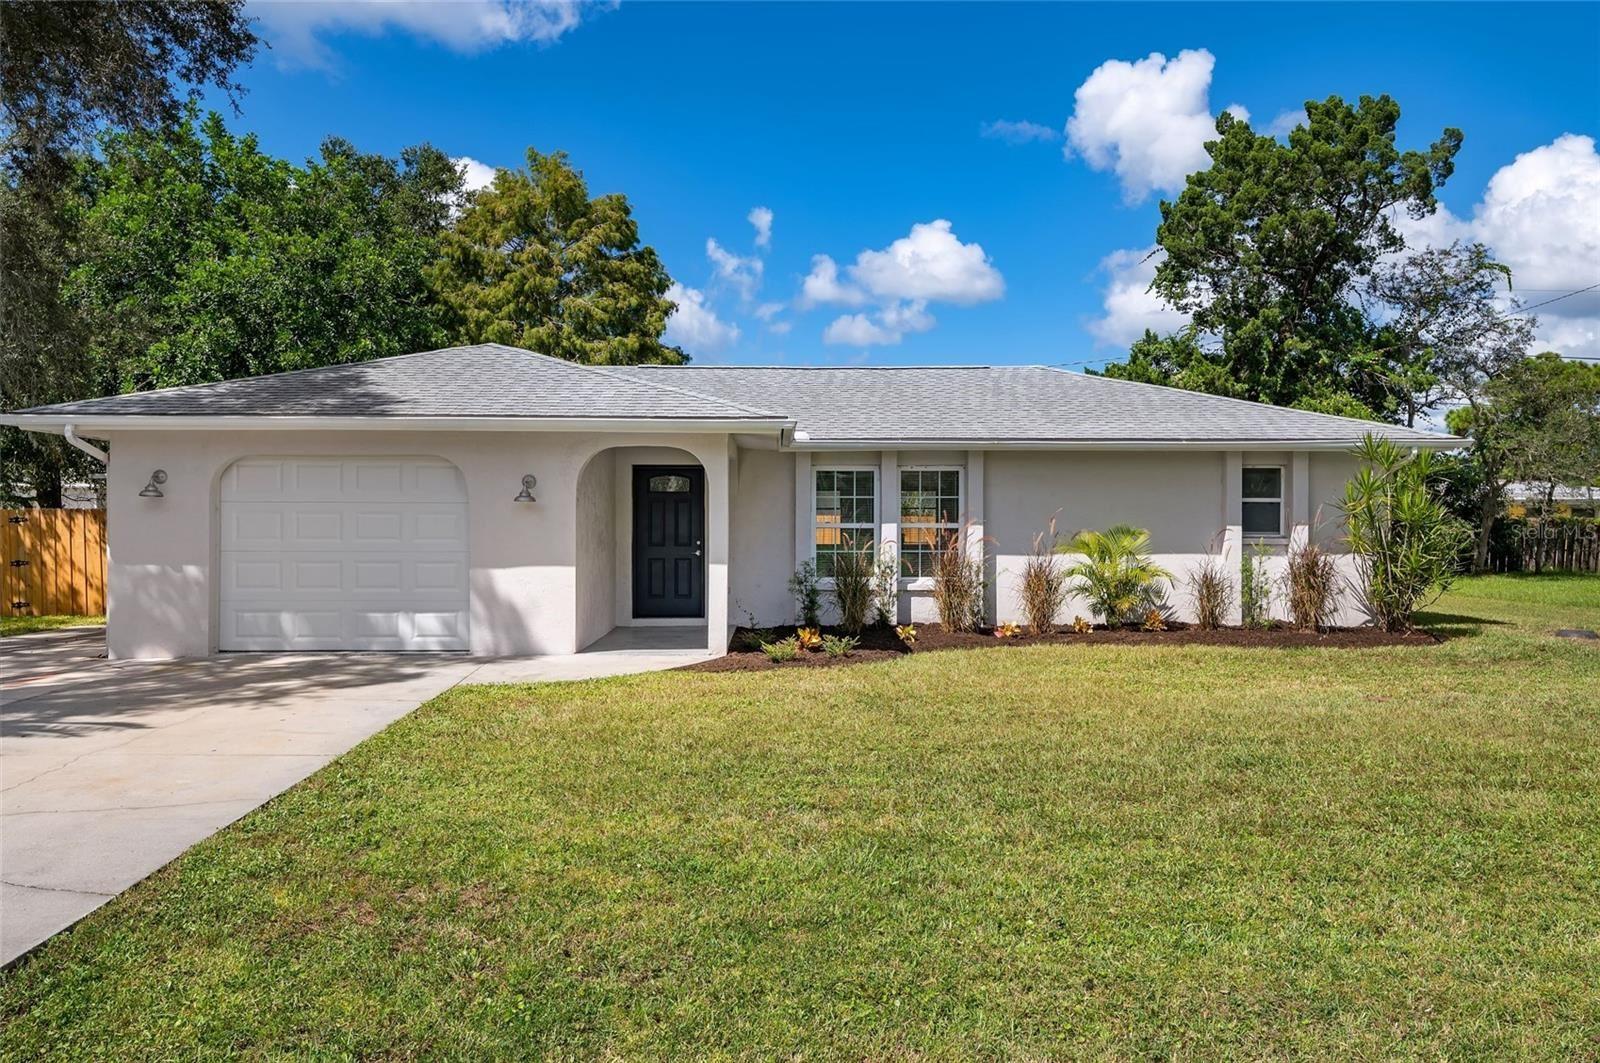 Photo of 1320 NANTUCKET ROAD, VENICE, FL 34293 (MLS # A4515164)